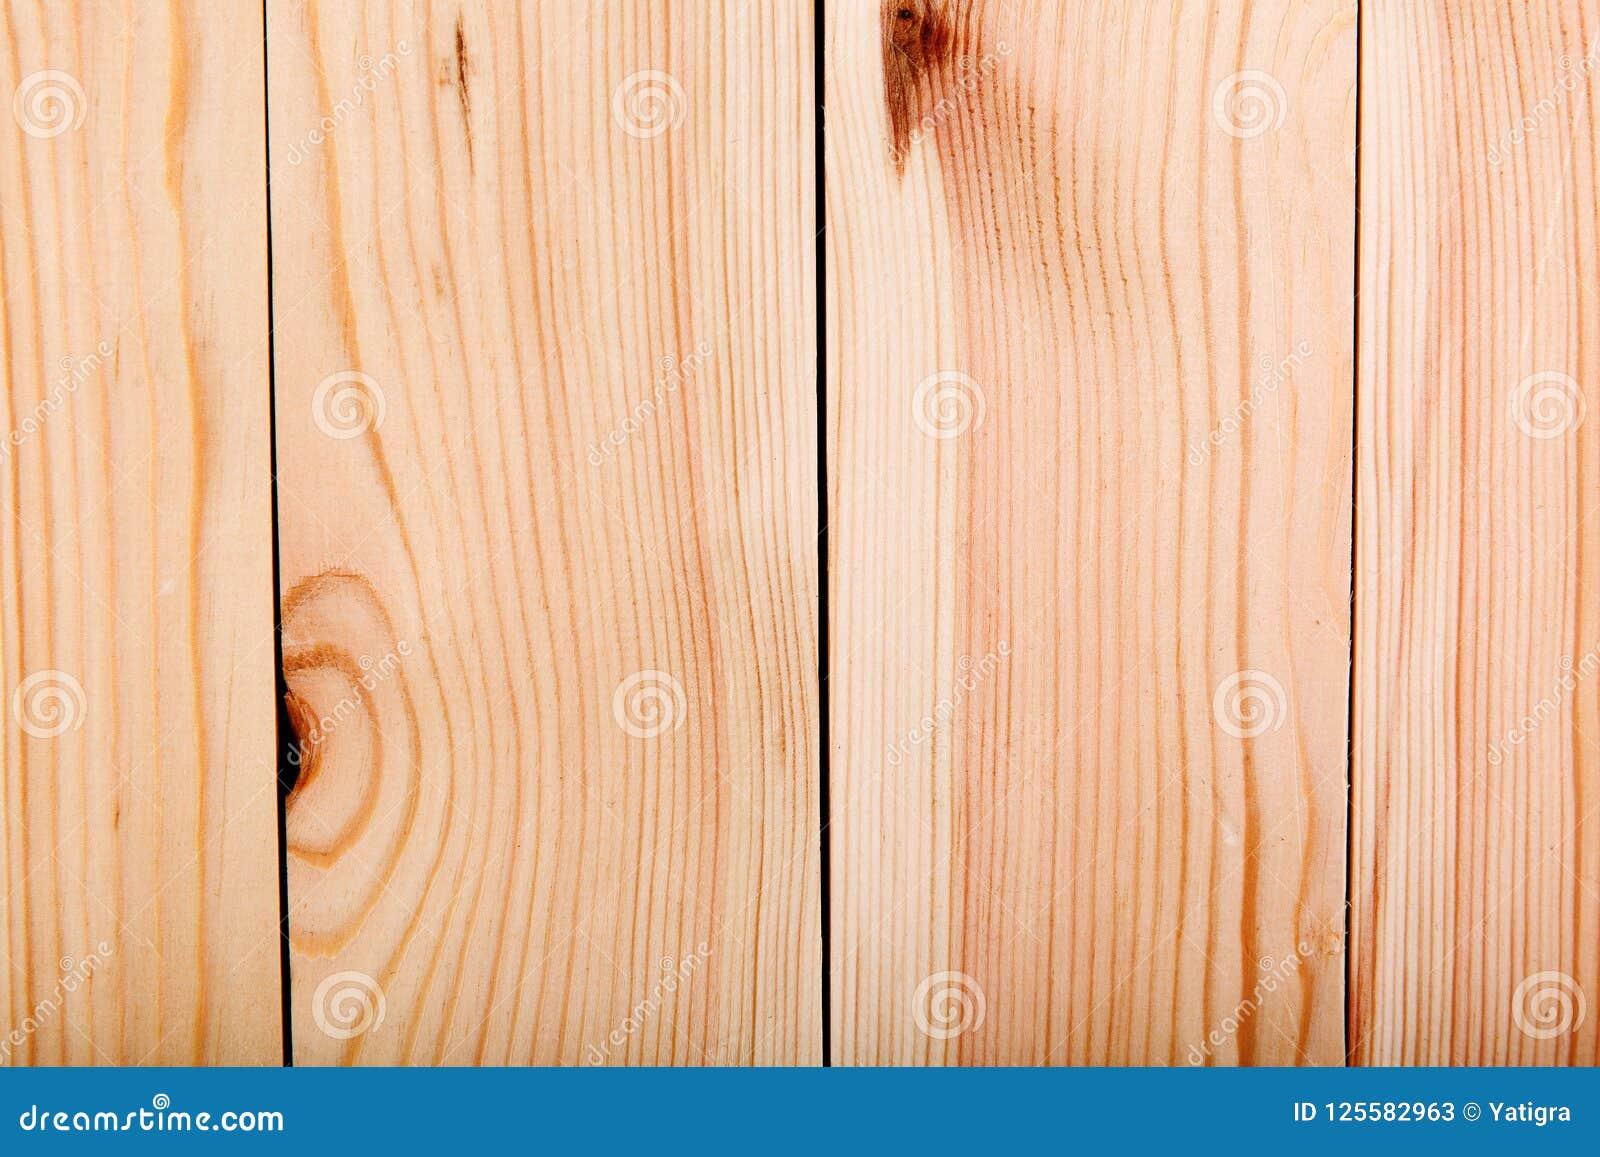 Woody Hintergrund Des Ahorns Verschalt Helles Holz Stockbild Bild